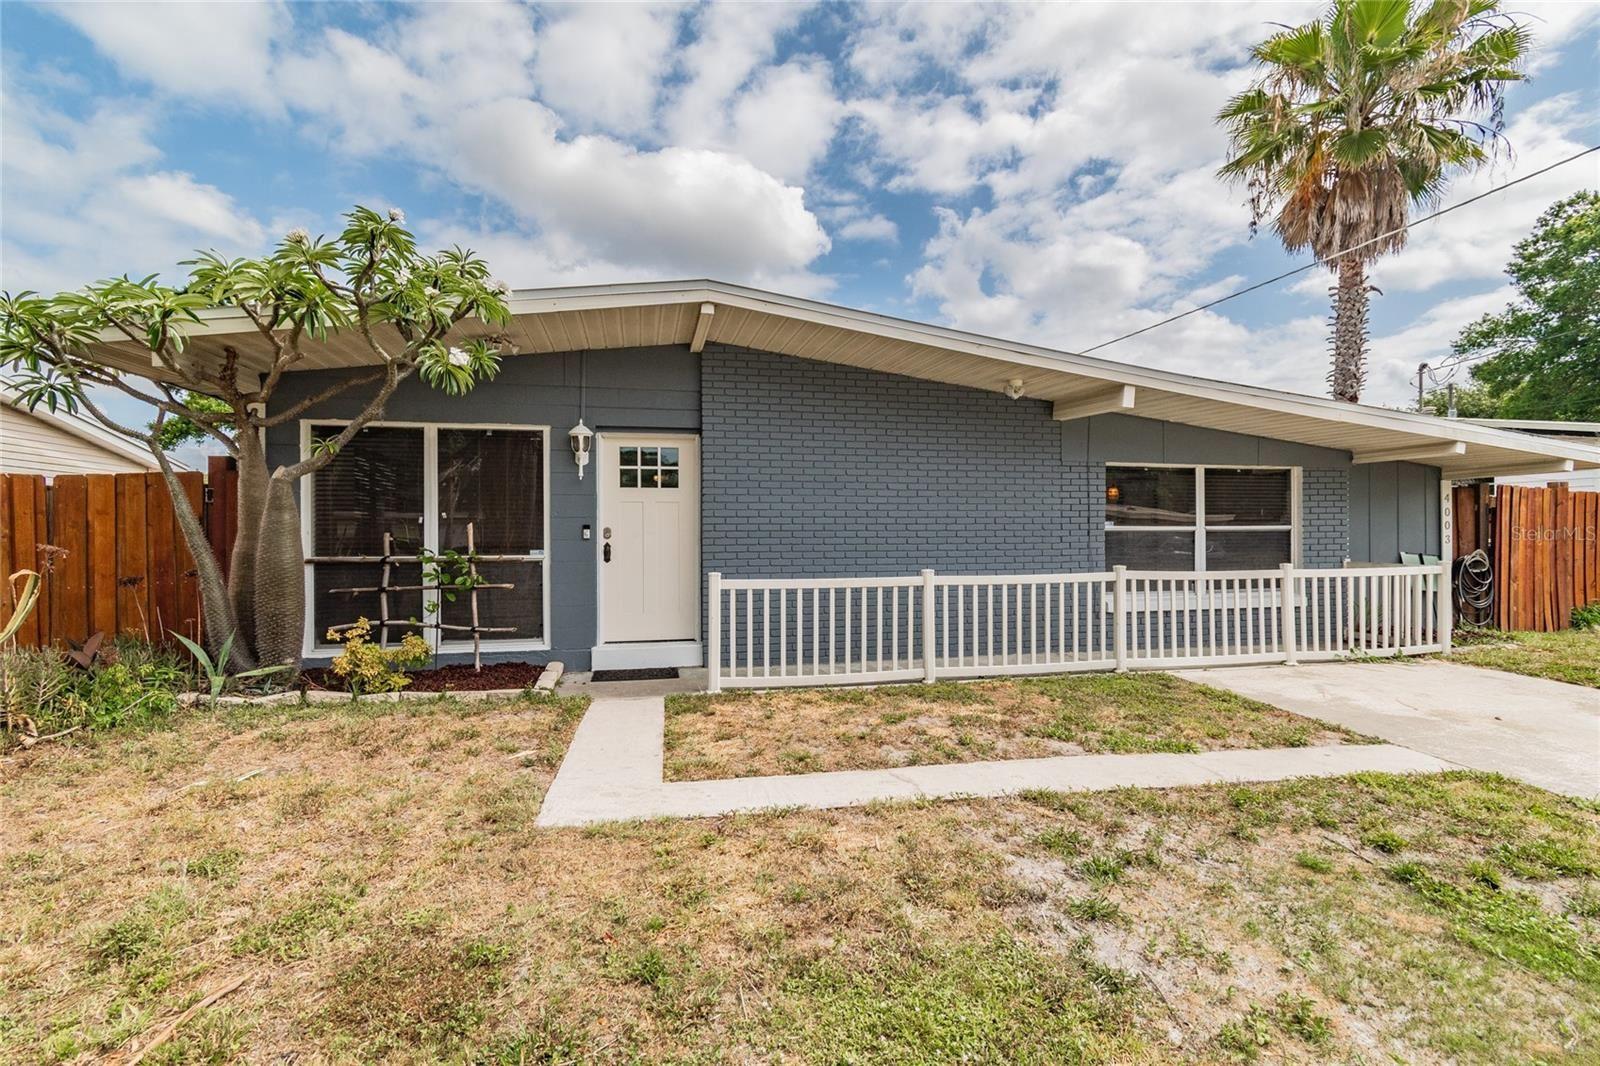 4003 W BAY AVENUE, Tampa, FL 33616 - MLS#: U8124111